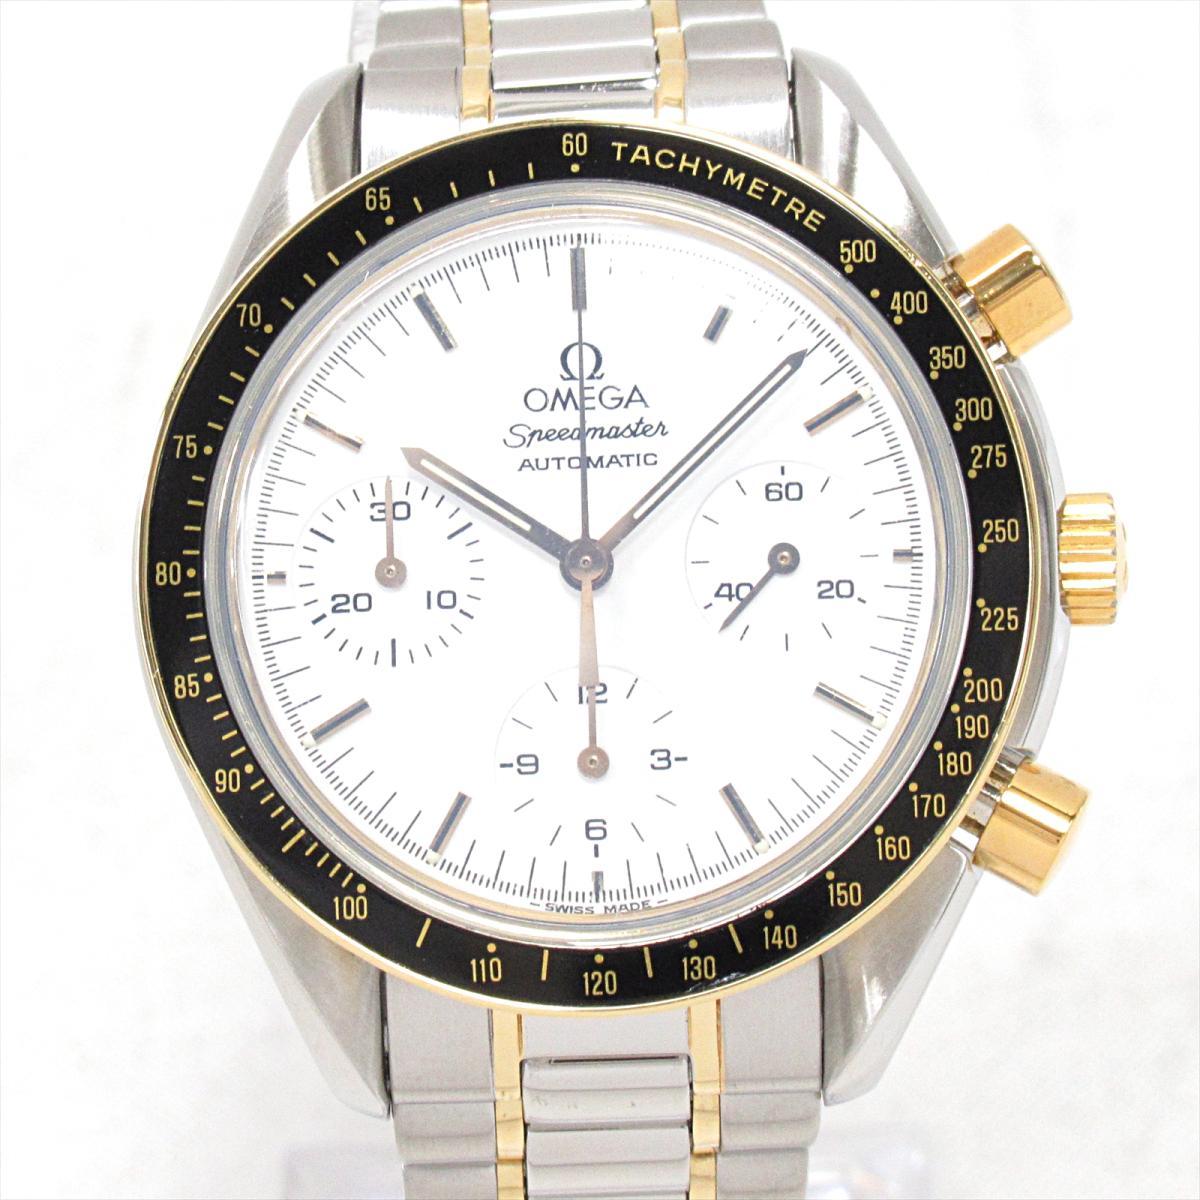 ≪期間限定≫メルマガ登録でクーポンGET! 【中古】 オメガ スピードマスター 腕時計 ウォッチ メンズ ステンレススチール (SS) K18 (イエローゴールド) -3310.2 | OMEGA BRANDOFF ブランドオフ ブランド ブランド時計 ブランド腕時計 時計